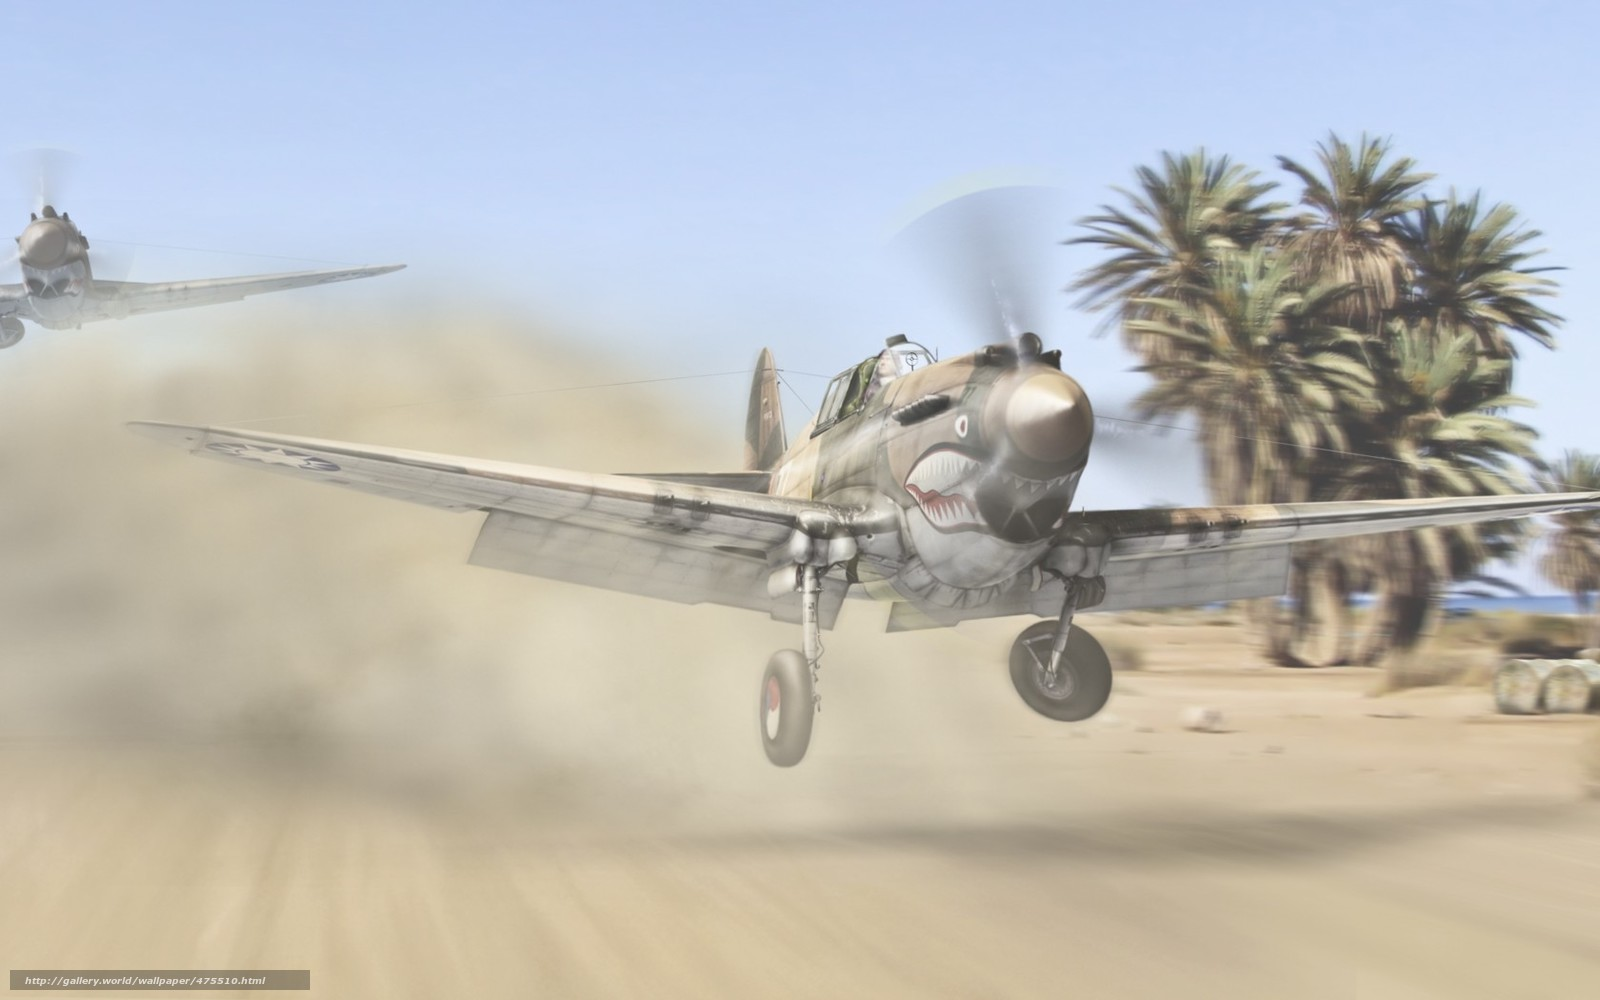 Скачать обои истребители,  самолёты,  летающие тигры,  авиация бесплатно для рабочего стола в разрешении 1680x1050 — картинка №475510